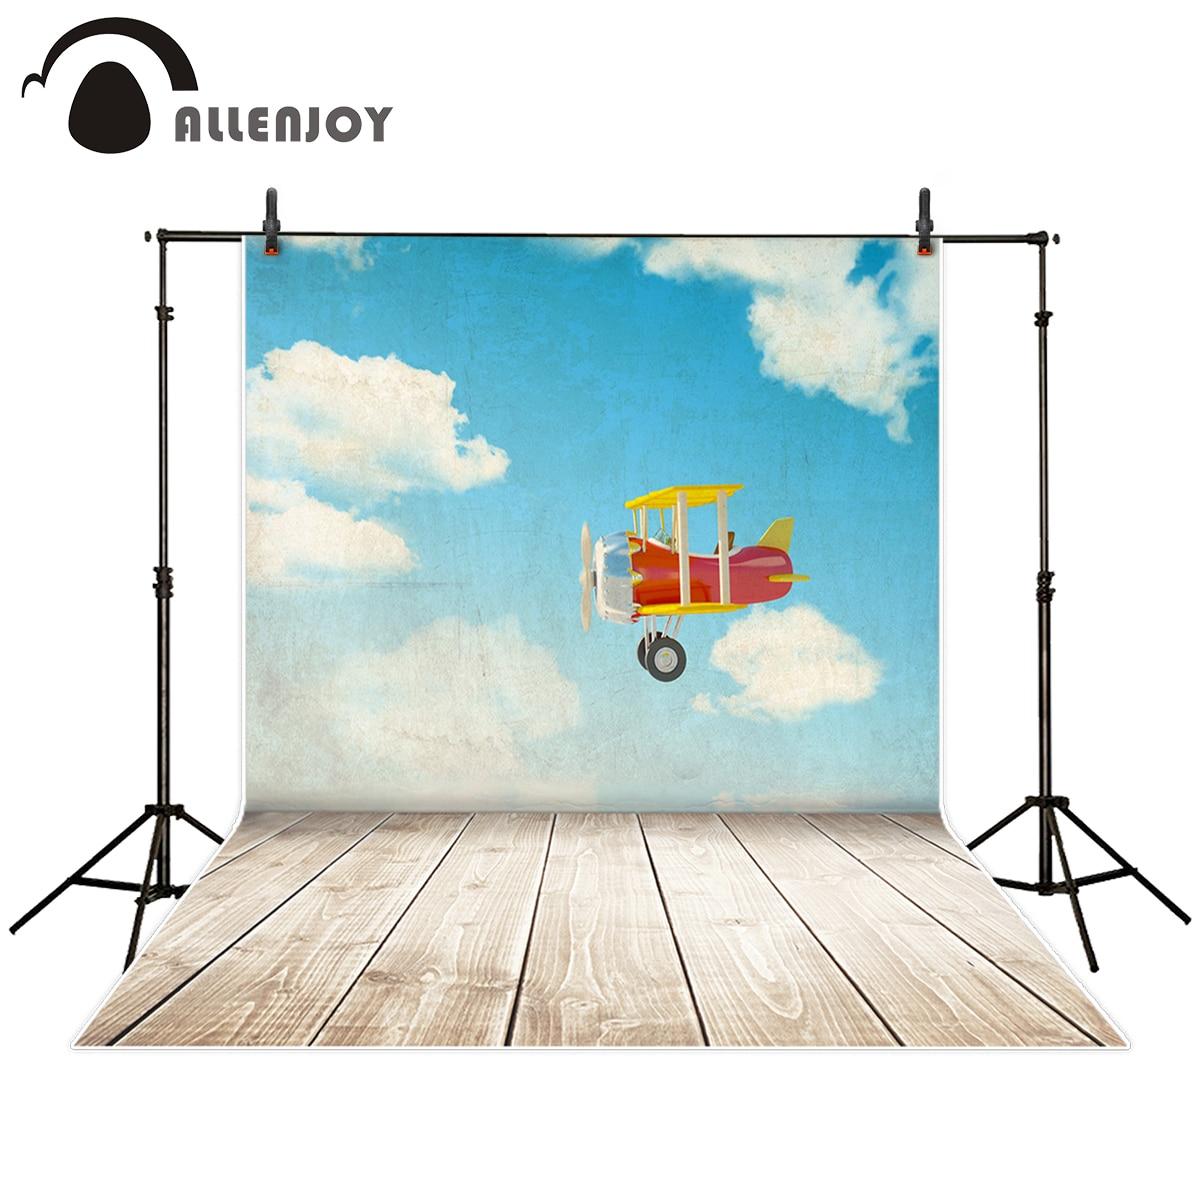 Allenjoy Фон фотографии красный самолет sky clound Дети Пилот Приключения деревянный пол фон photocall фото студия